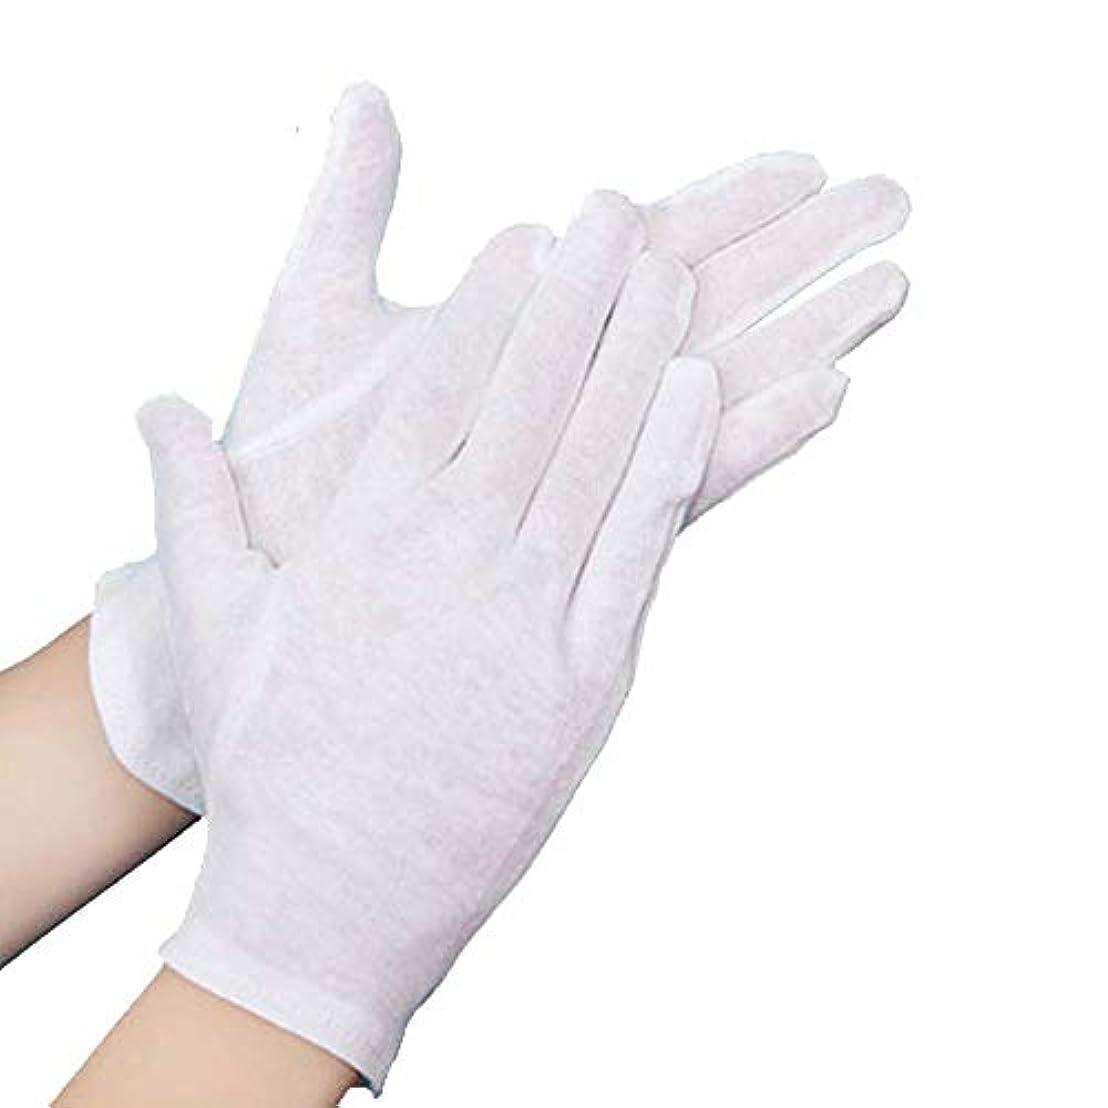 カテゴリー構造興奮する綿手袋 純綿100% 通気性 コットン手袋 10双組 M